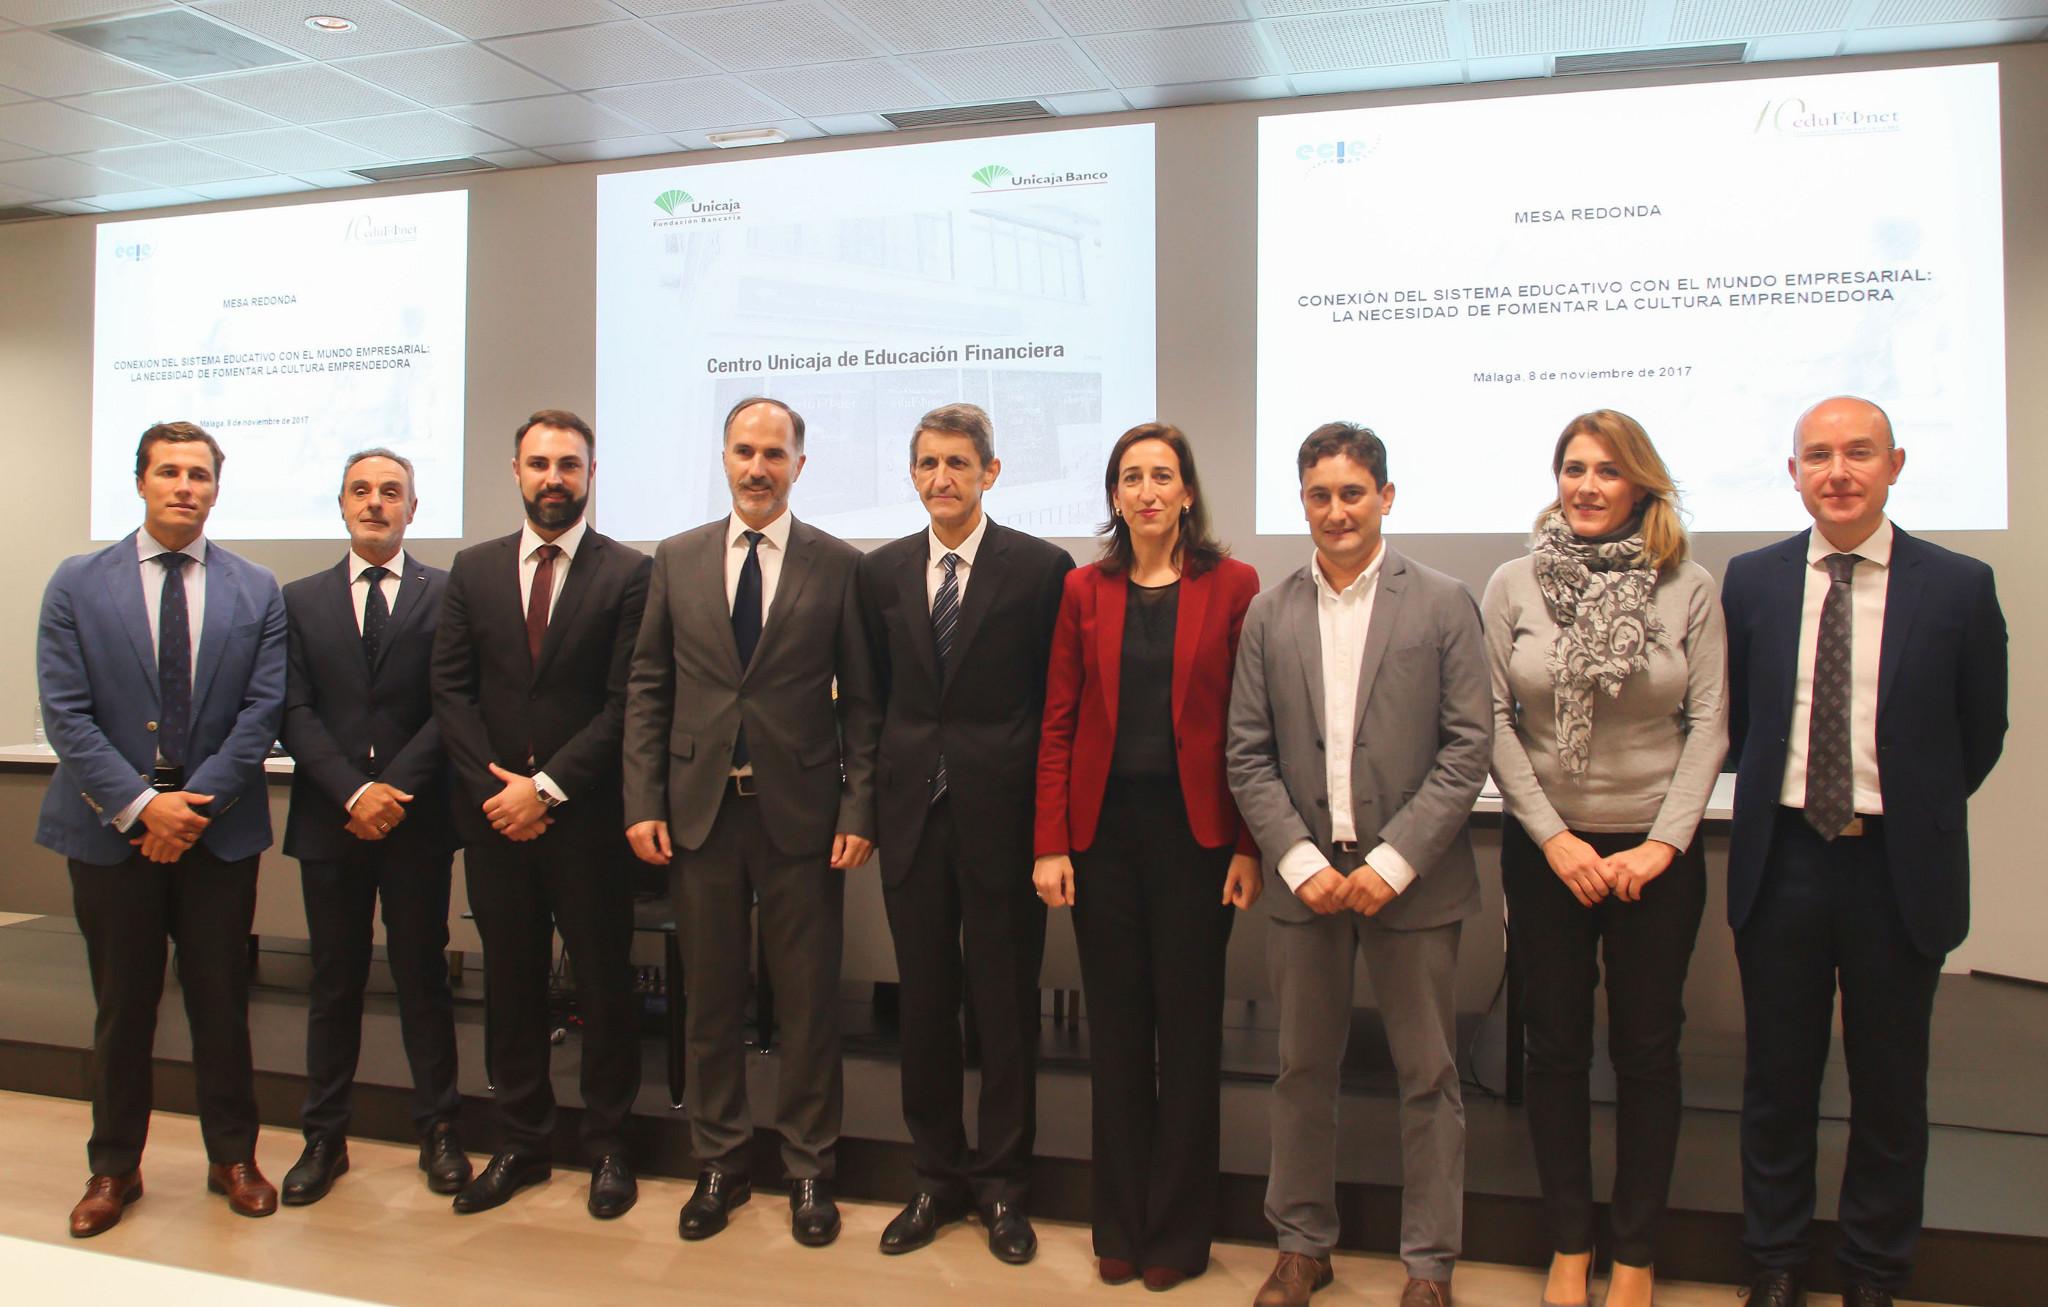 Unicaja y el ECIE analizan la conexión del sistema educativo y la empresa y apuestan por la cultura emprendedora para hacer frente al desempleo juvenil